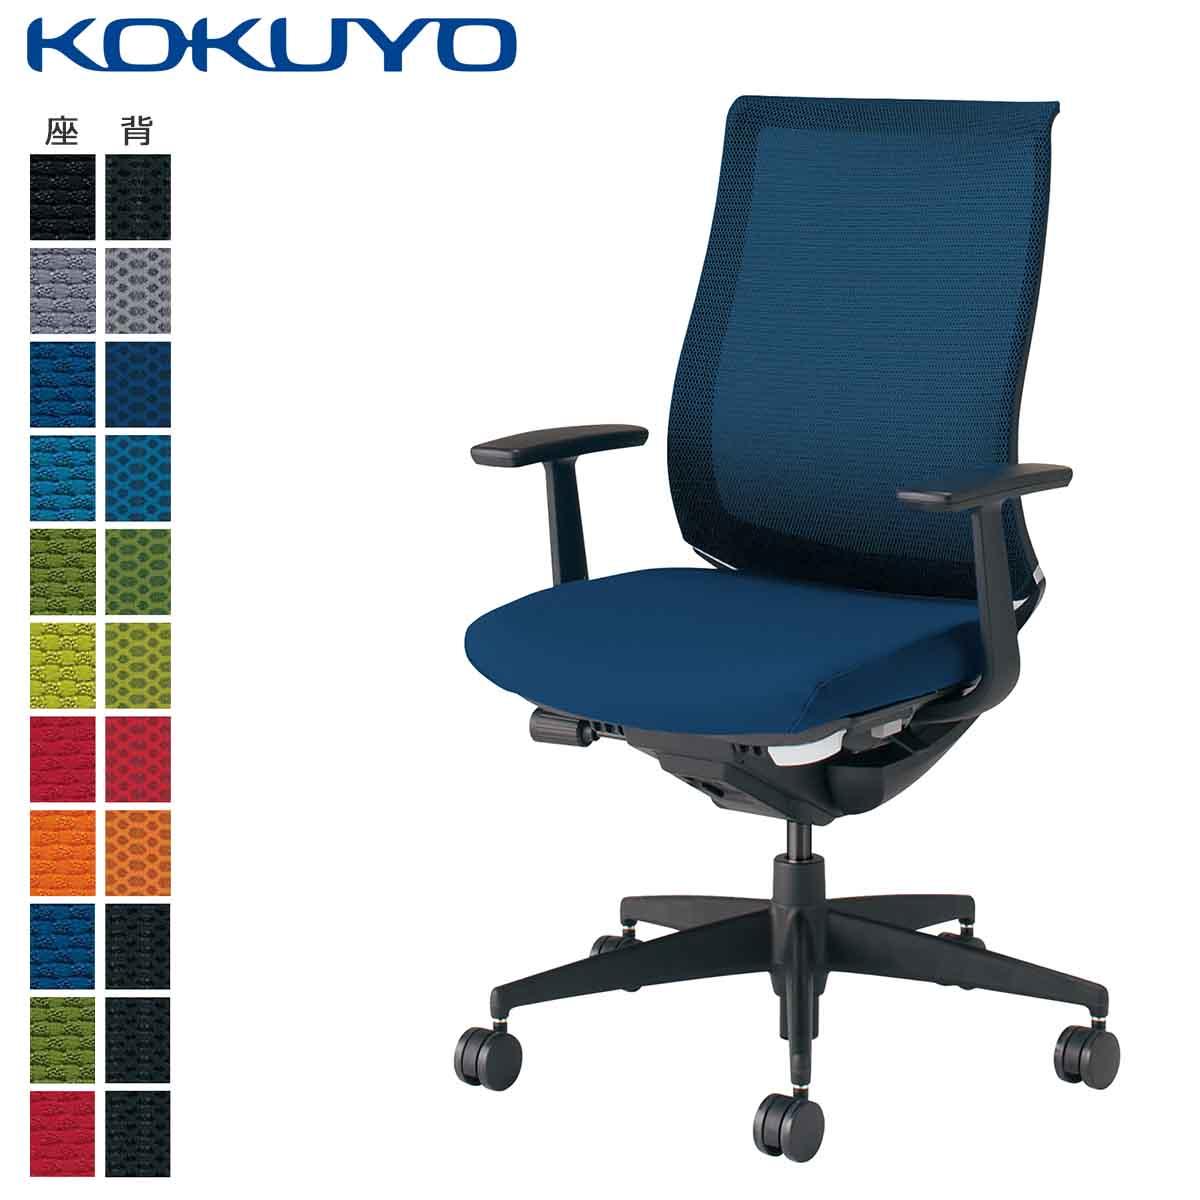 コクヨ デスクチェア オフィスチェア 椅子 Bezel ベゼル CR-2801E6 モデレートタイプ T型肘 ブラックフレーム 樹脂脚タイプ -v フローリング用キャスター